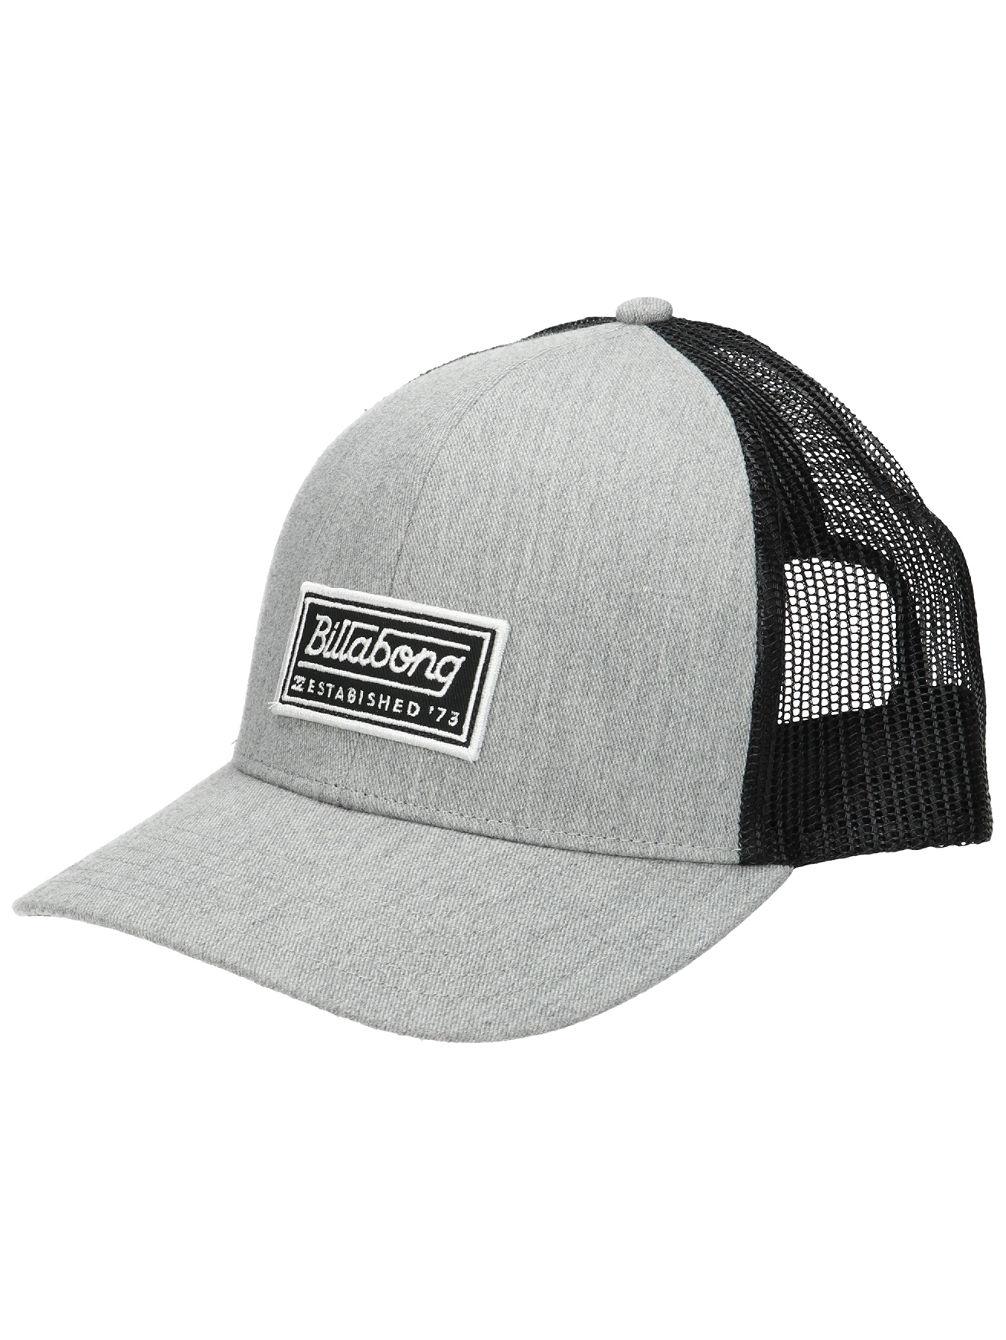 promo code 097e6 f74b6 Billabong Walled Trucker Cap